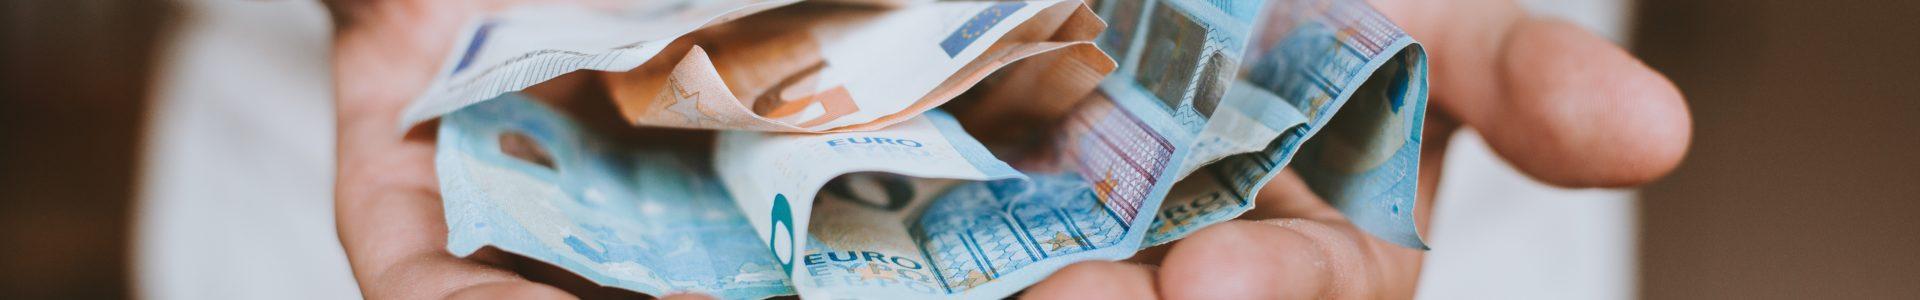 Adhérents CGA : réduction d'impôts pour frais de comptabilité